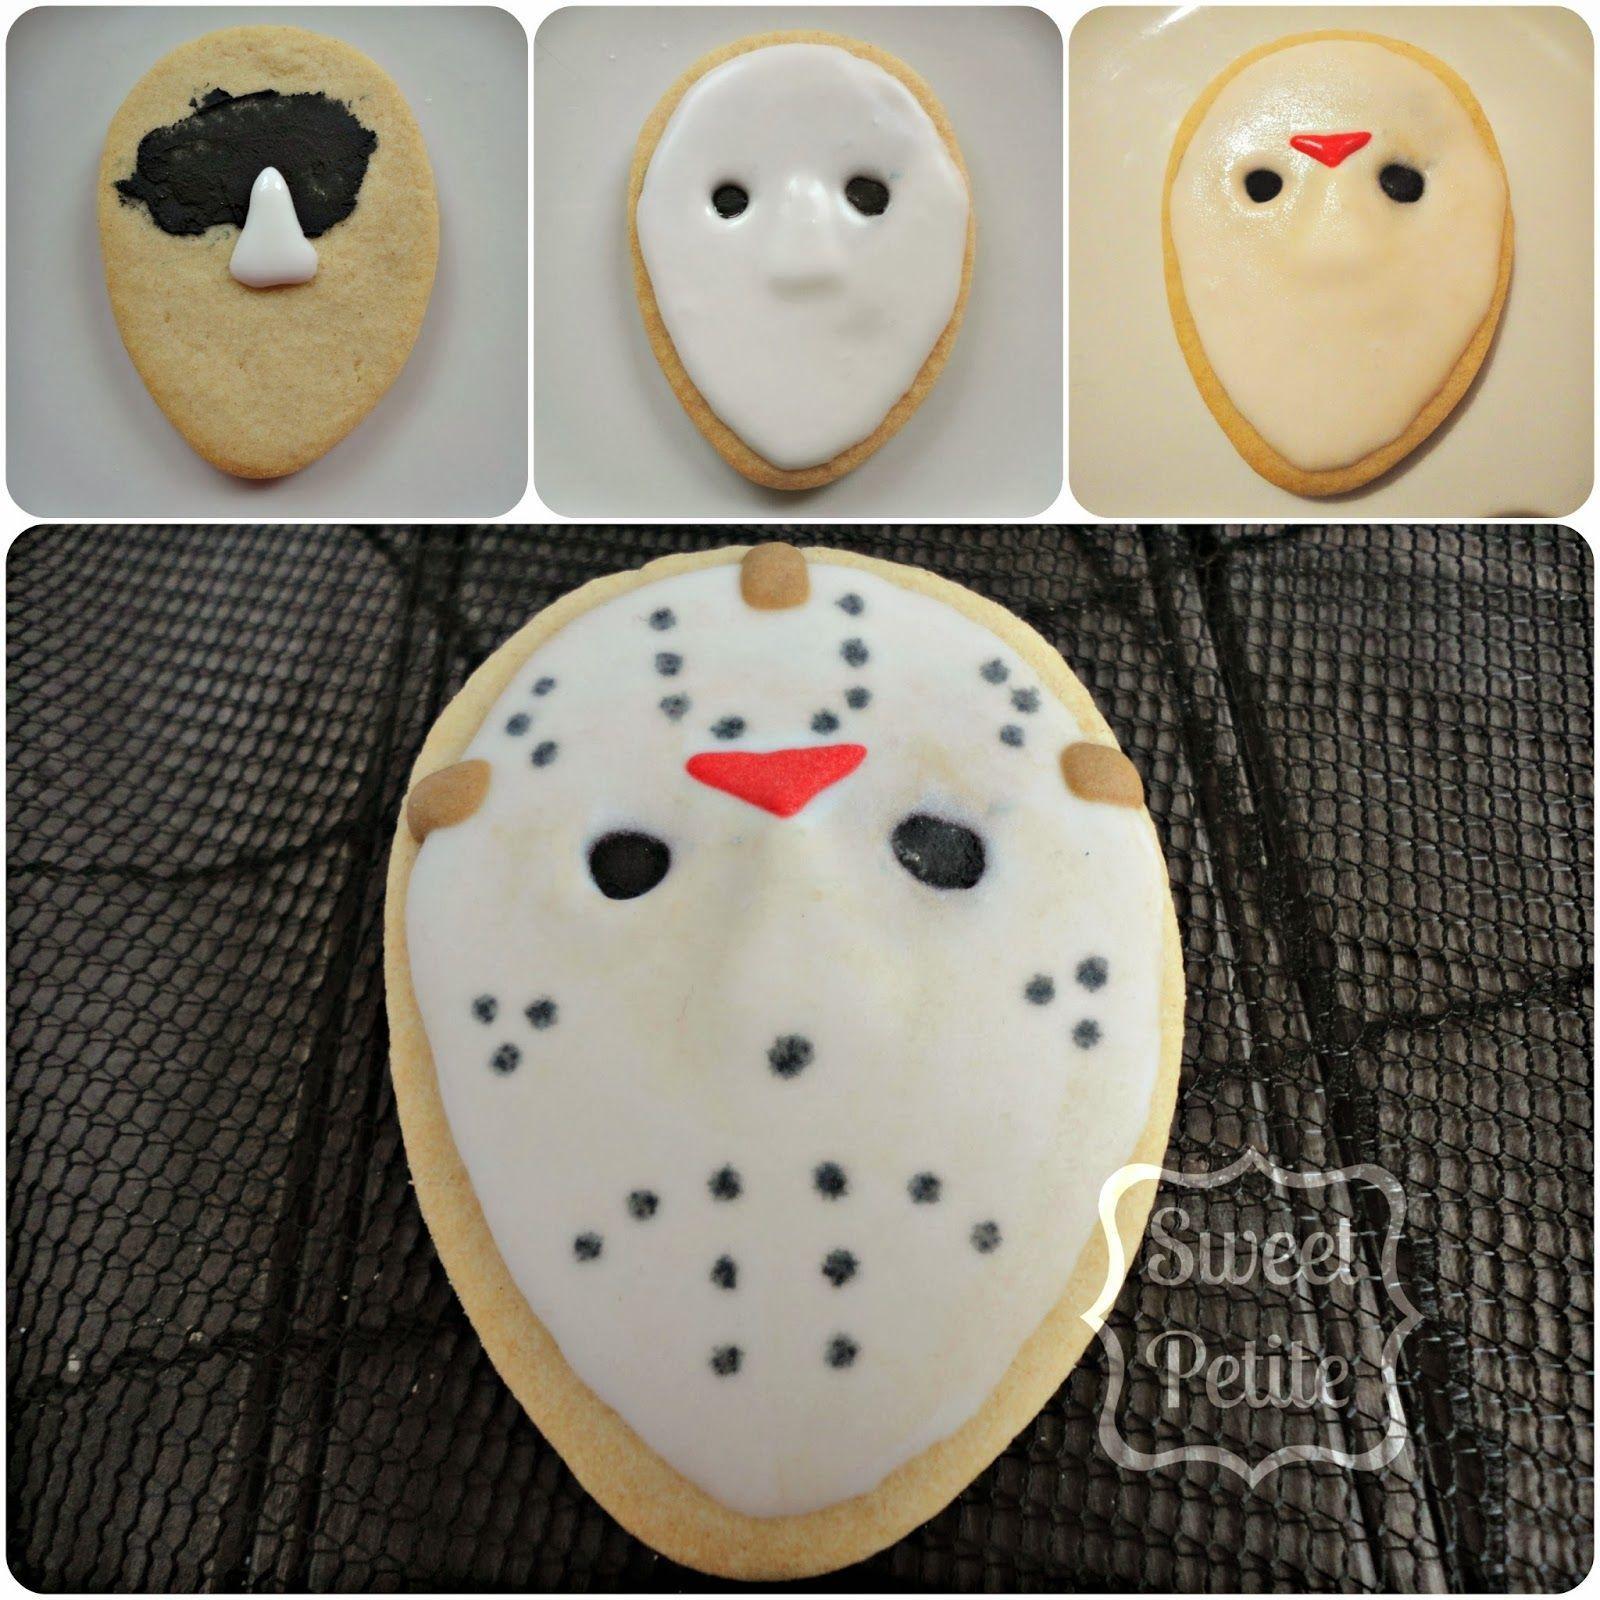 Jason Voorhees Cookies cookies recipes friday the 13th jason voorhees jason happy friday the 13th